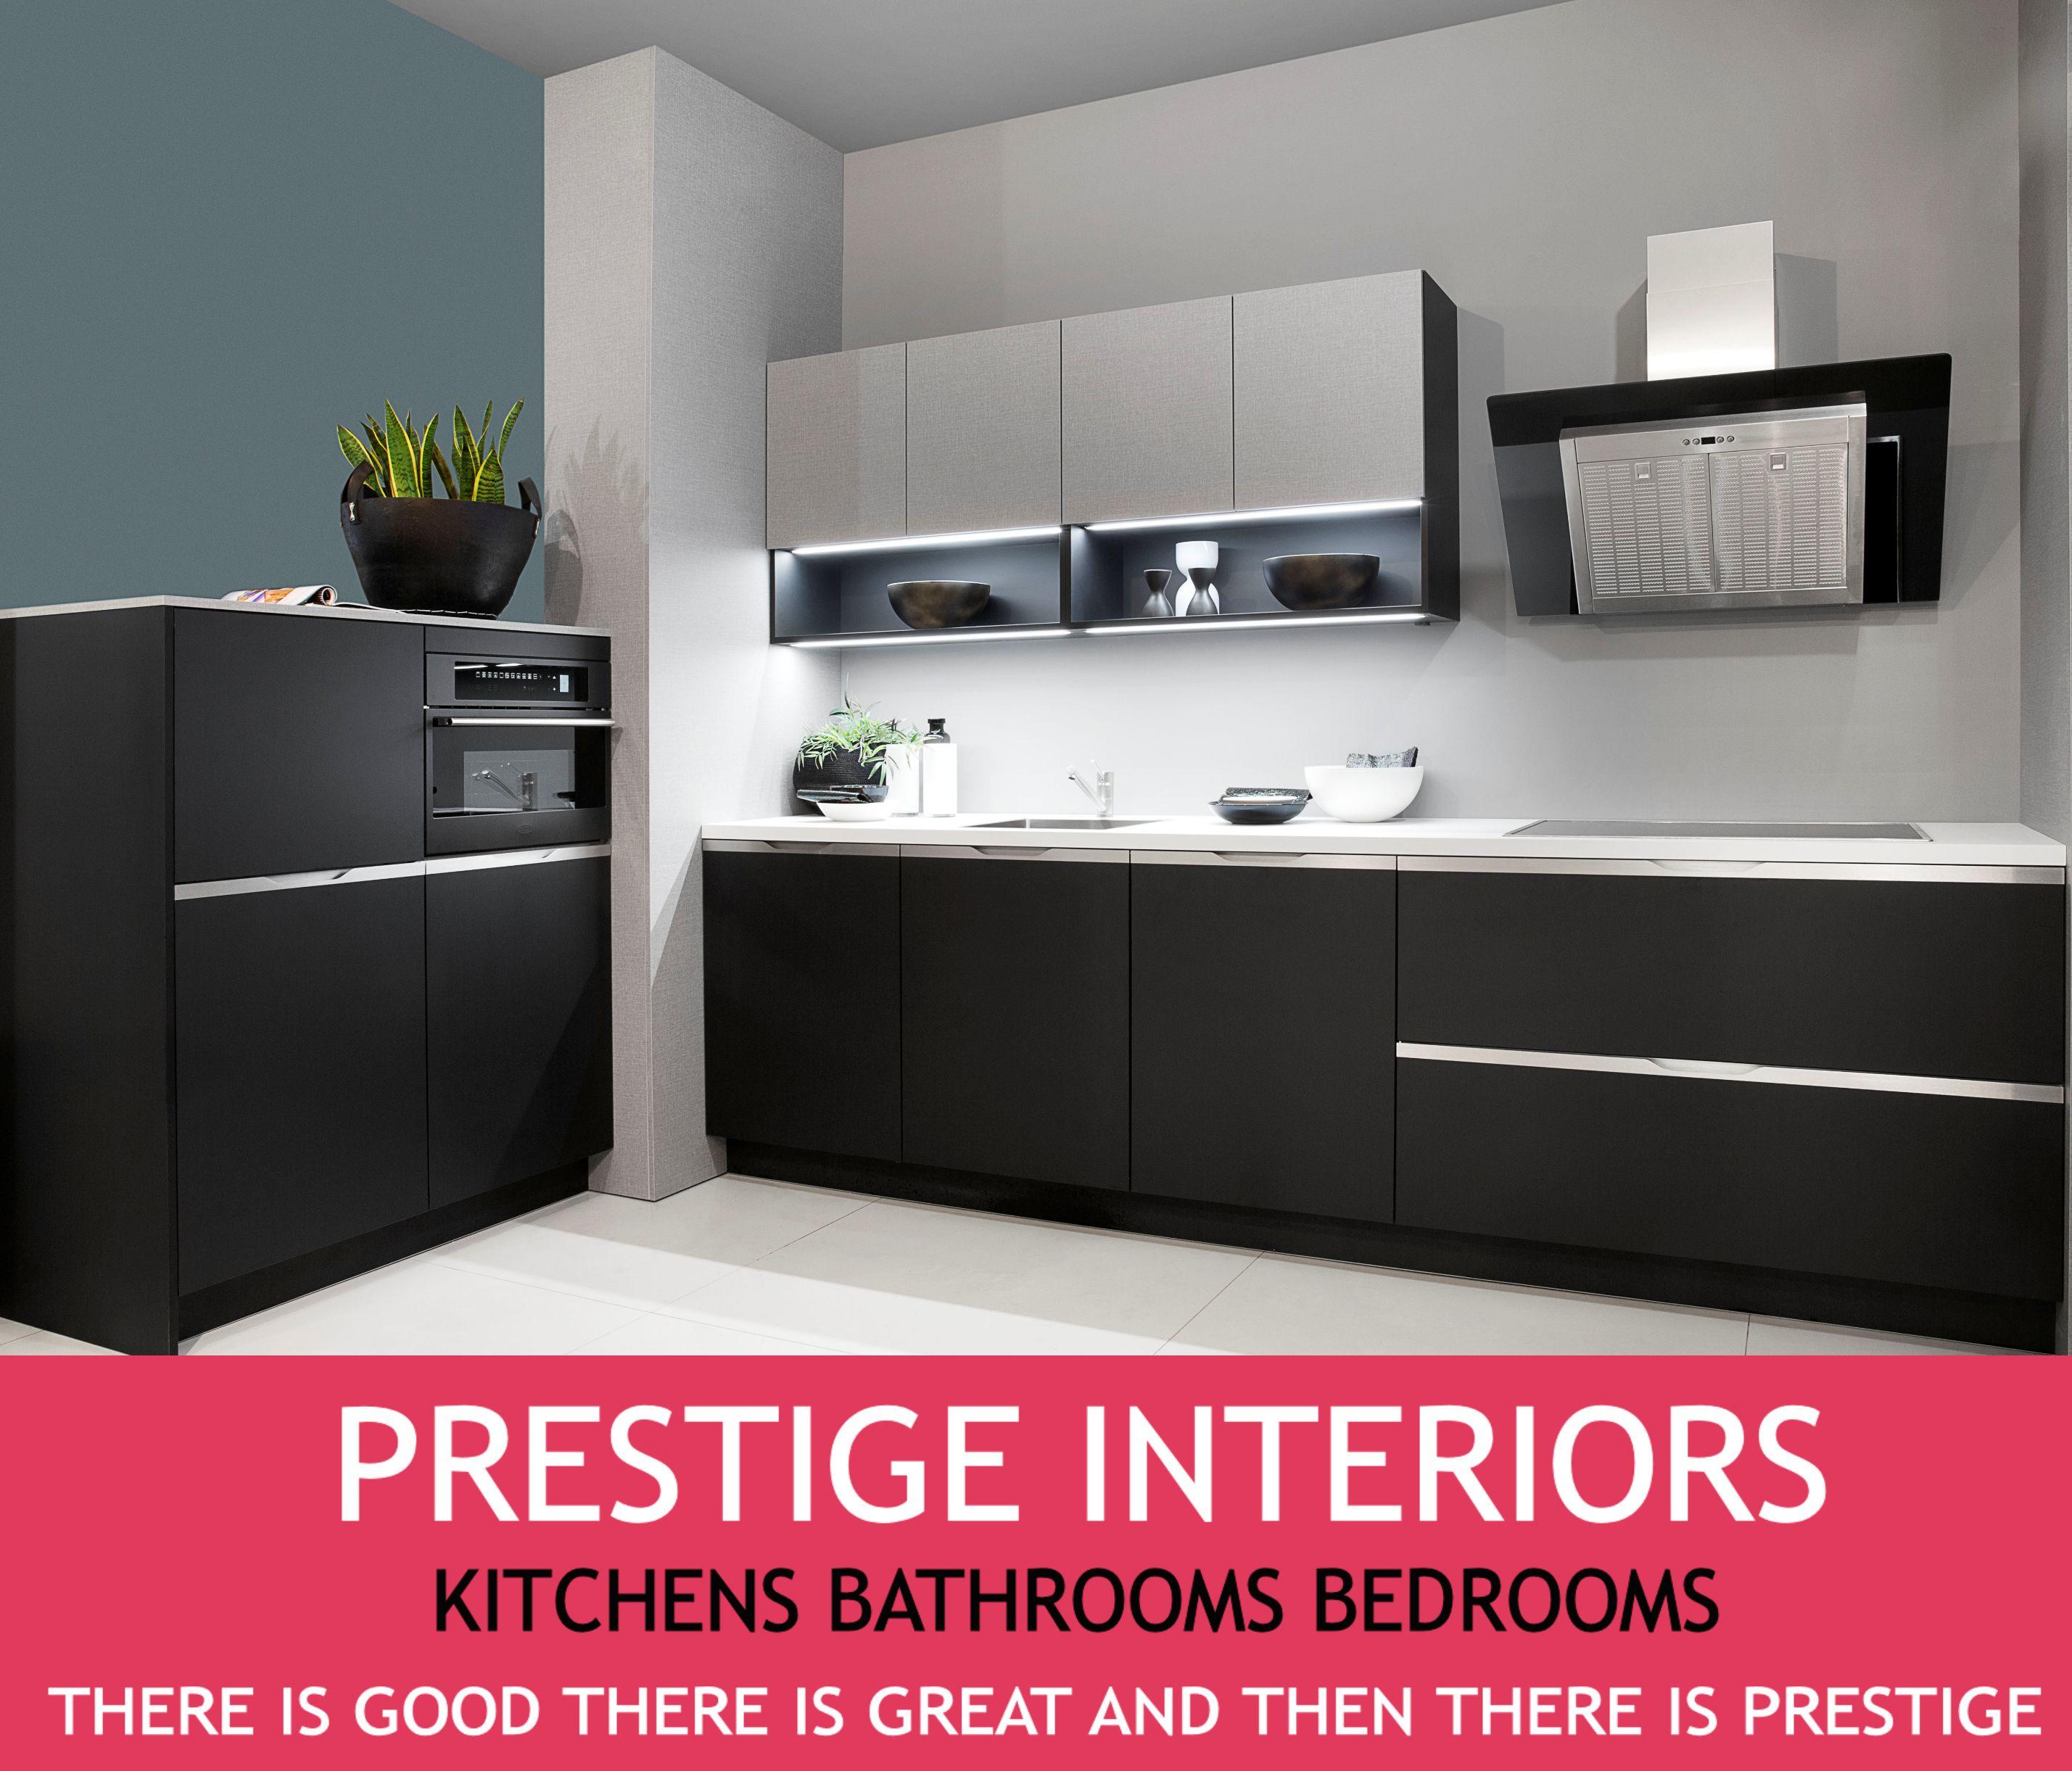 Pin By Prestige Interiors On Prestige Interiors Kitchen Cabinets Home Decor Decor